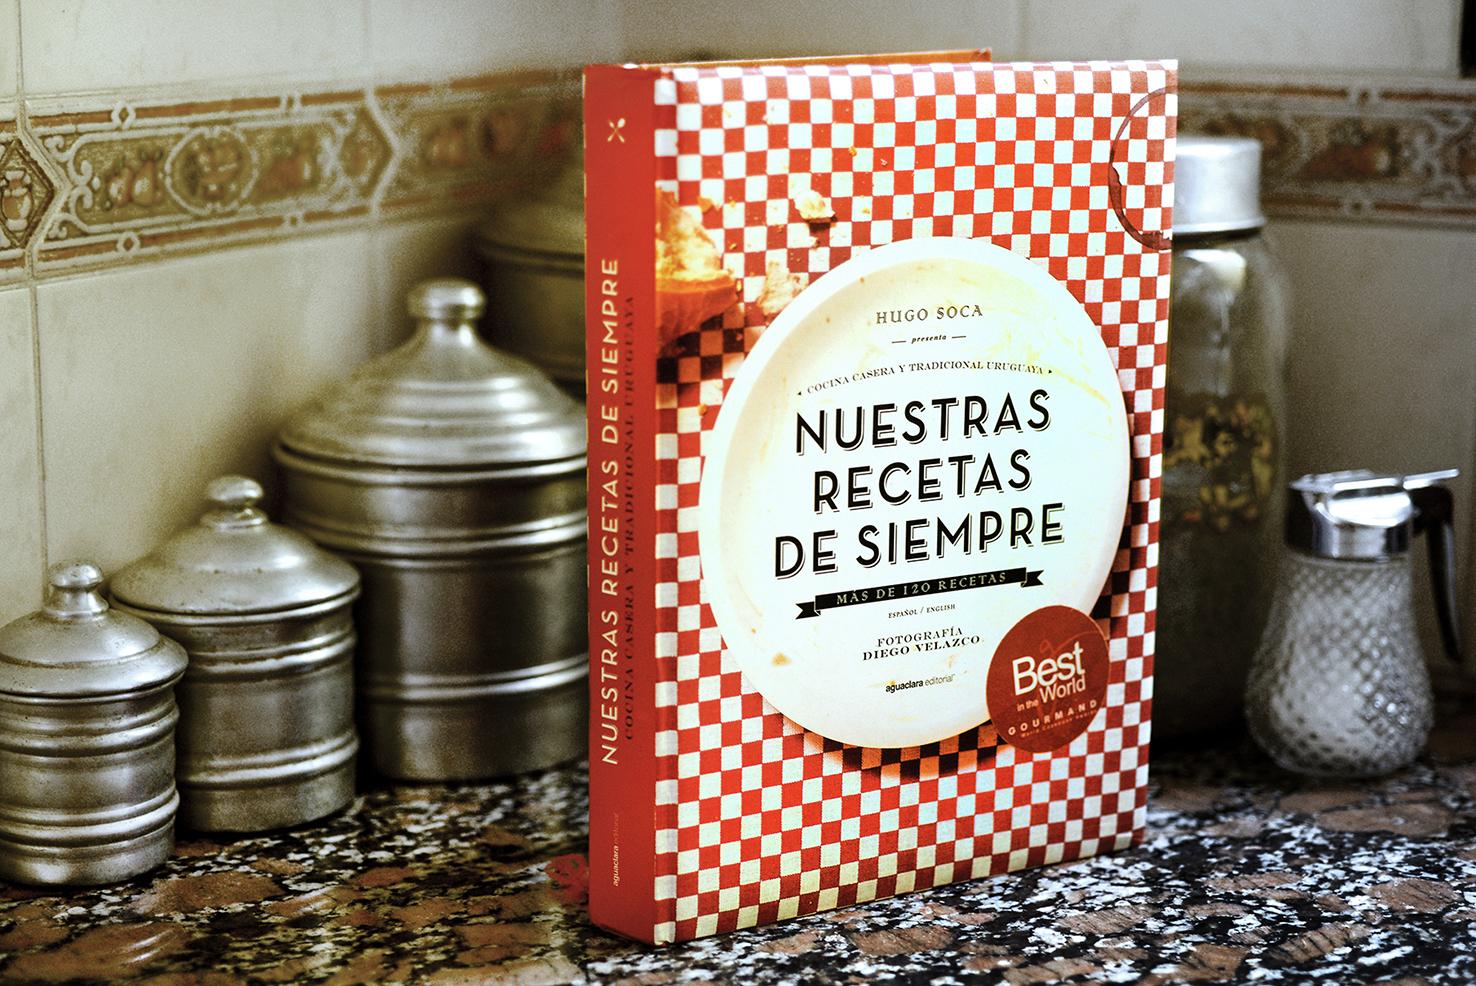 Nuestras Recetas De Siempre Cocina Casera Y Tradicional Uruguaya